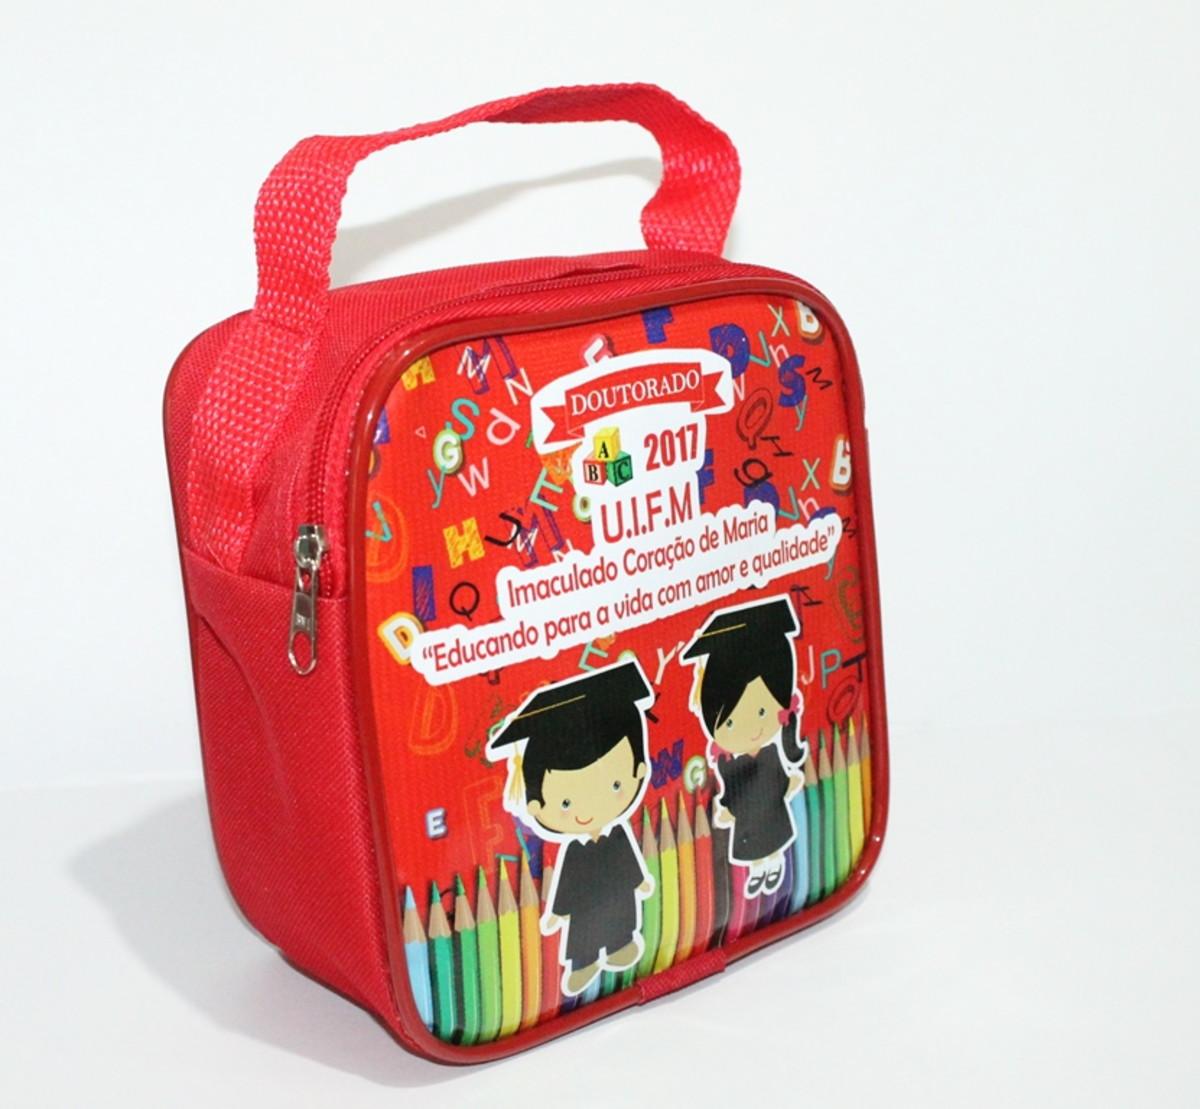 7567ec969 Bolsa Lembrancinha Formatura ABC no Elo7 | Print Design e ...